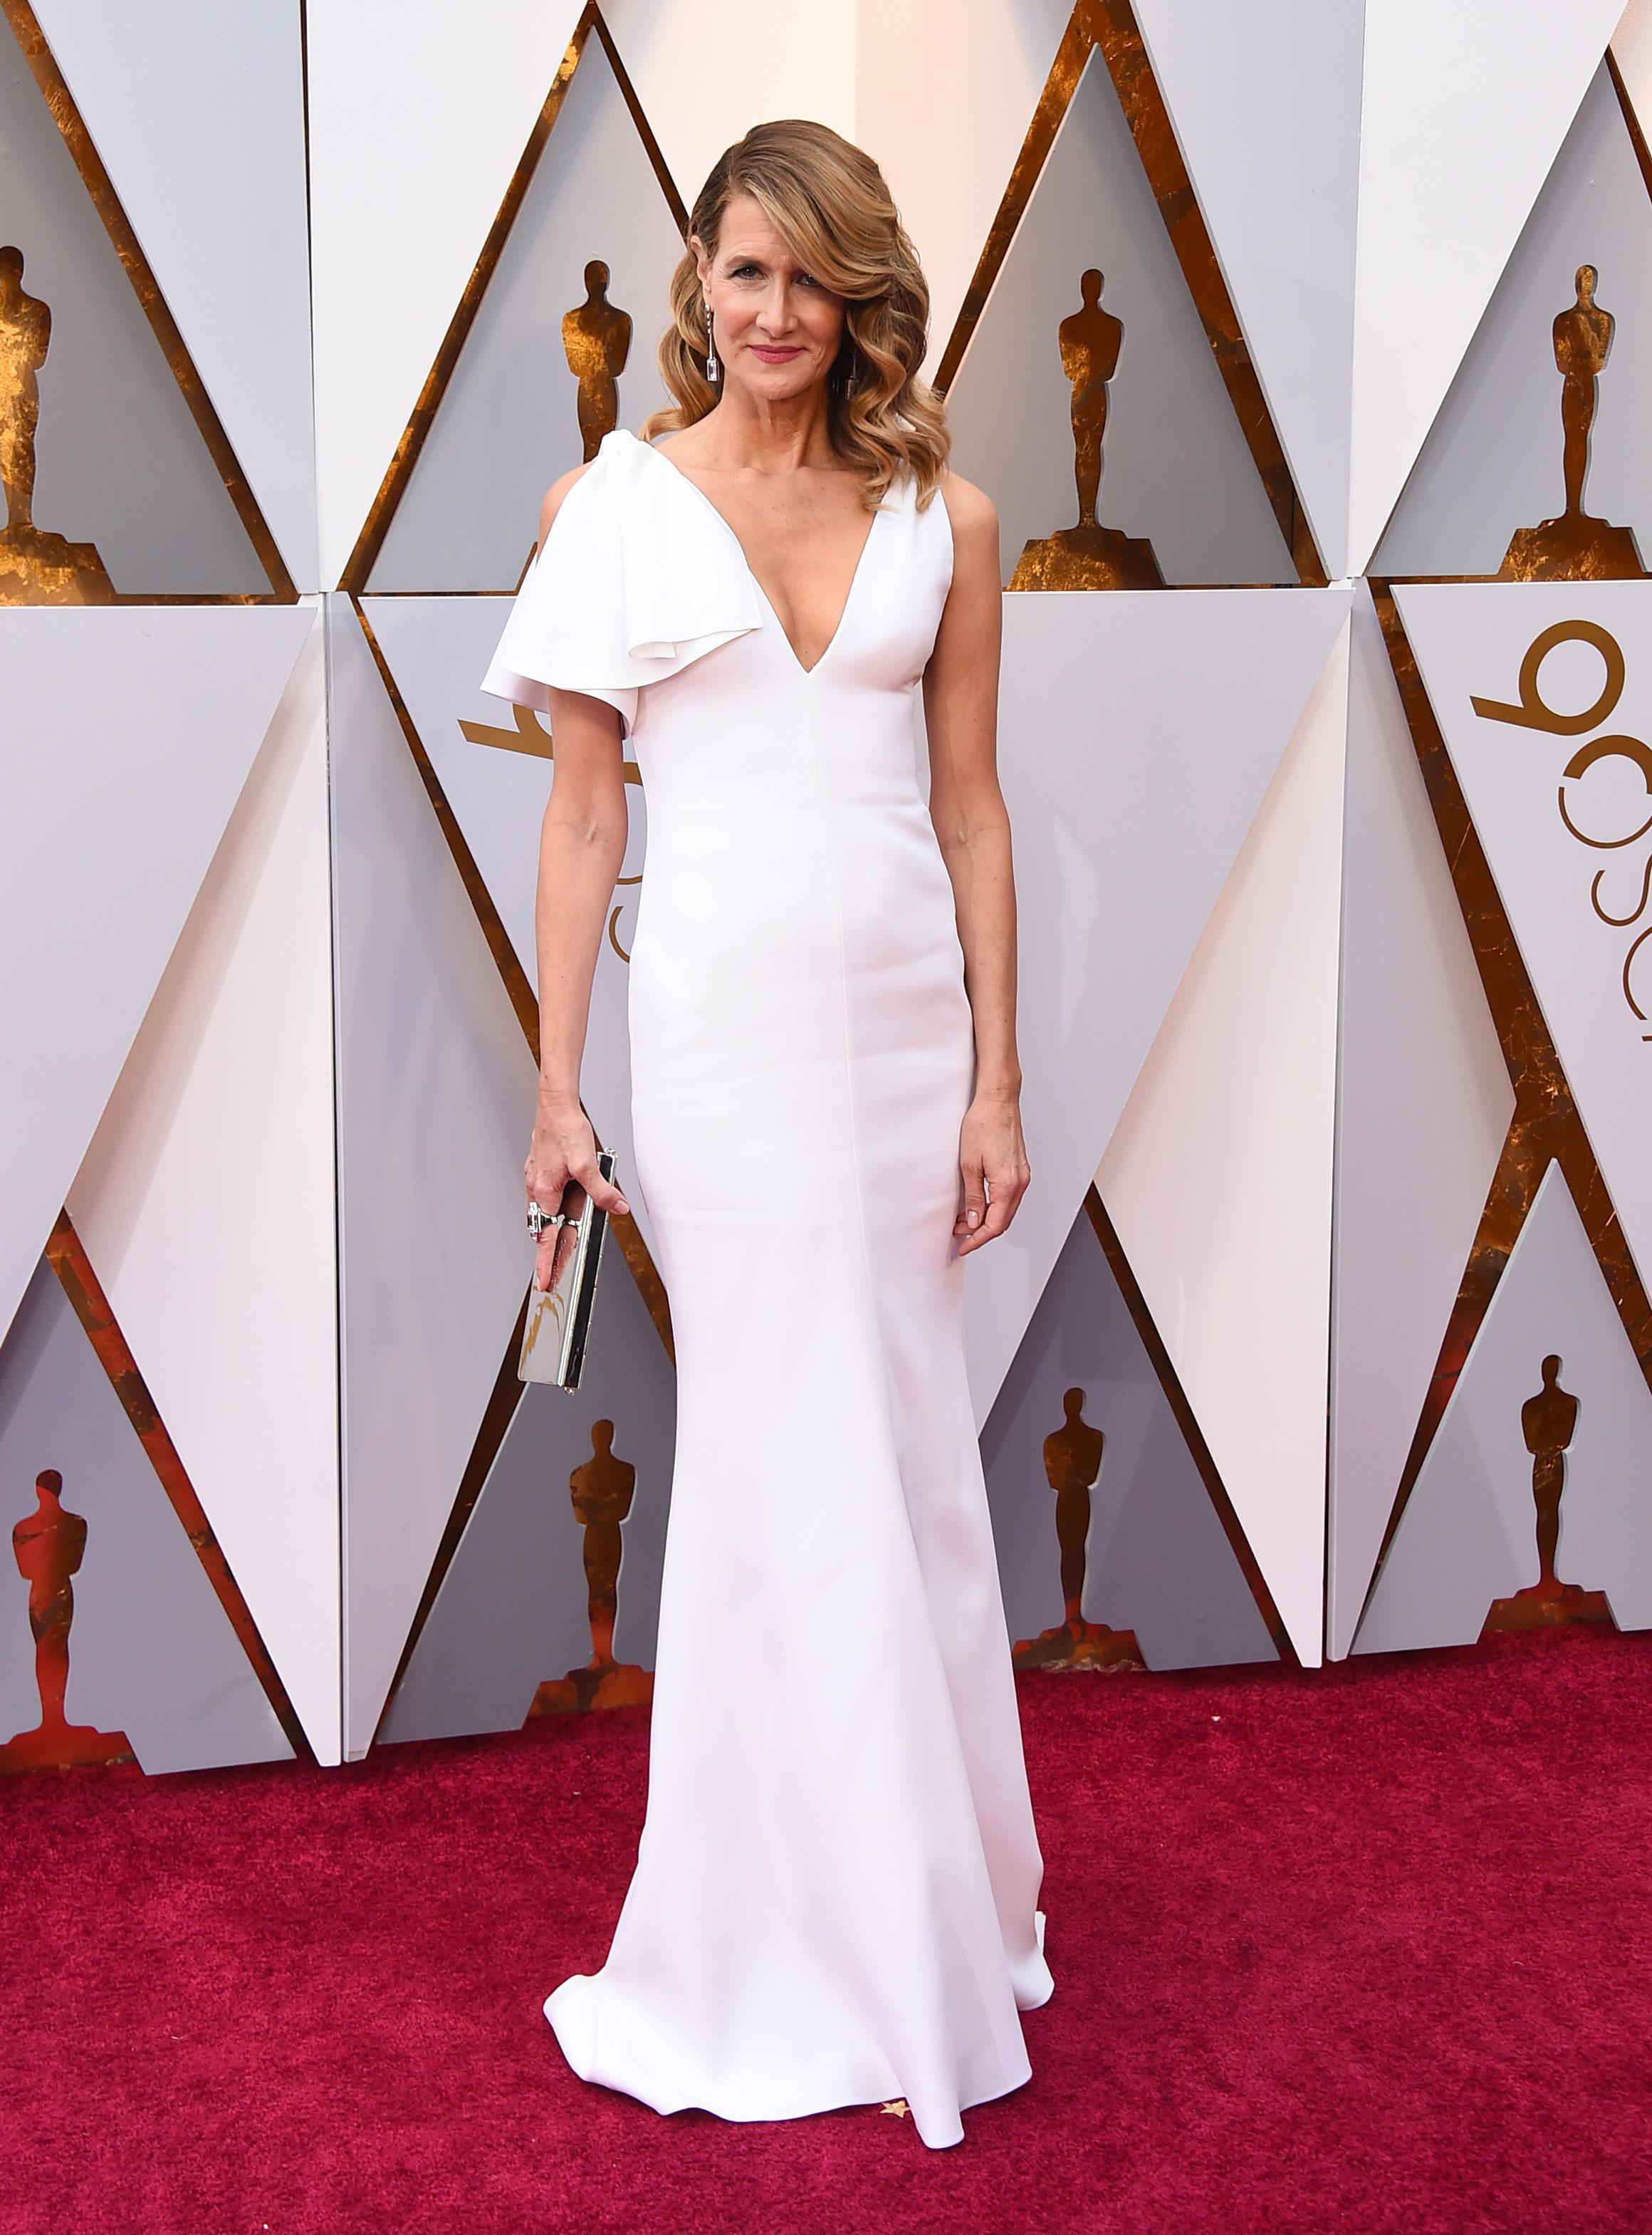 Laura Dern luce un elegante vestido blanco de Calvin Klein su llegada a la entrega de los premios Oscar de 2018. (The Associated Press)